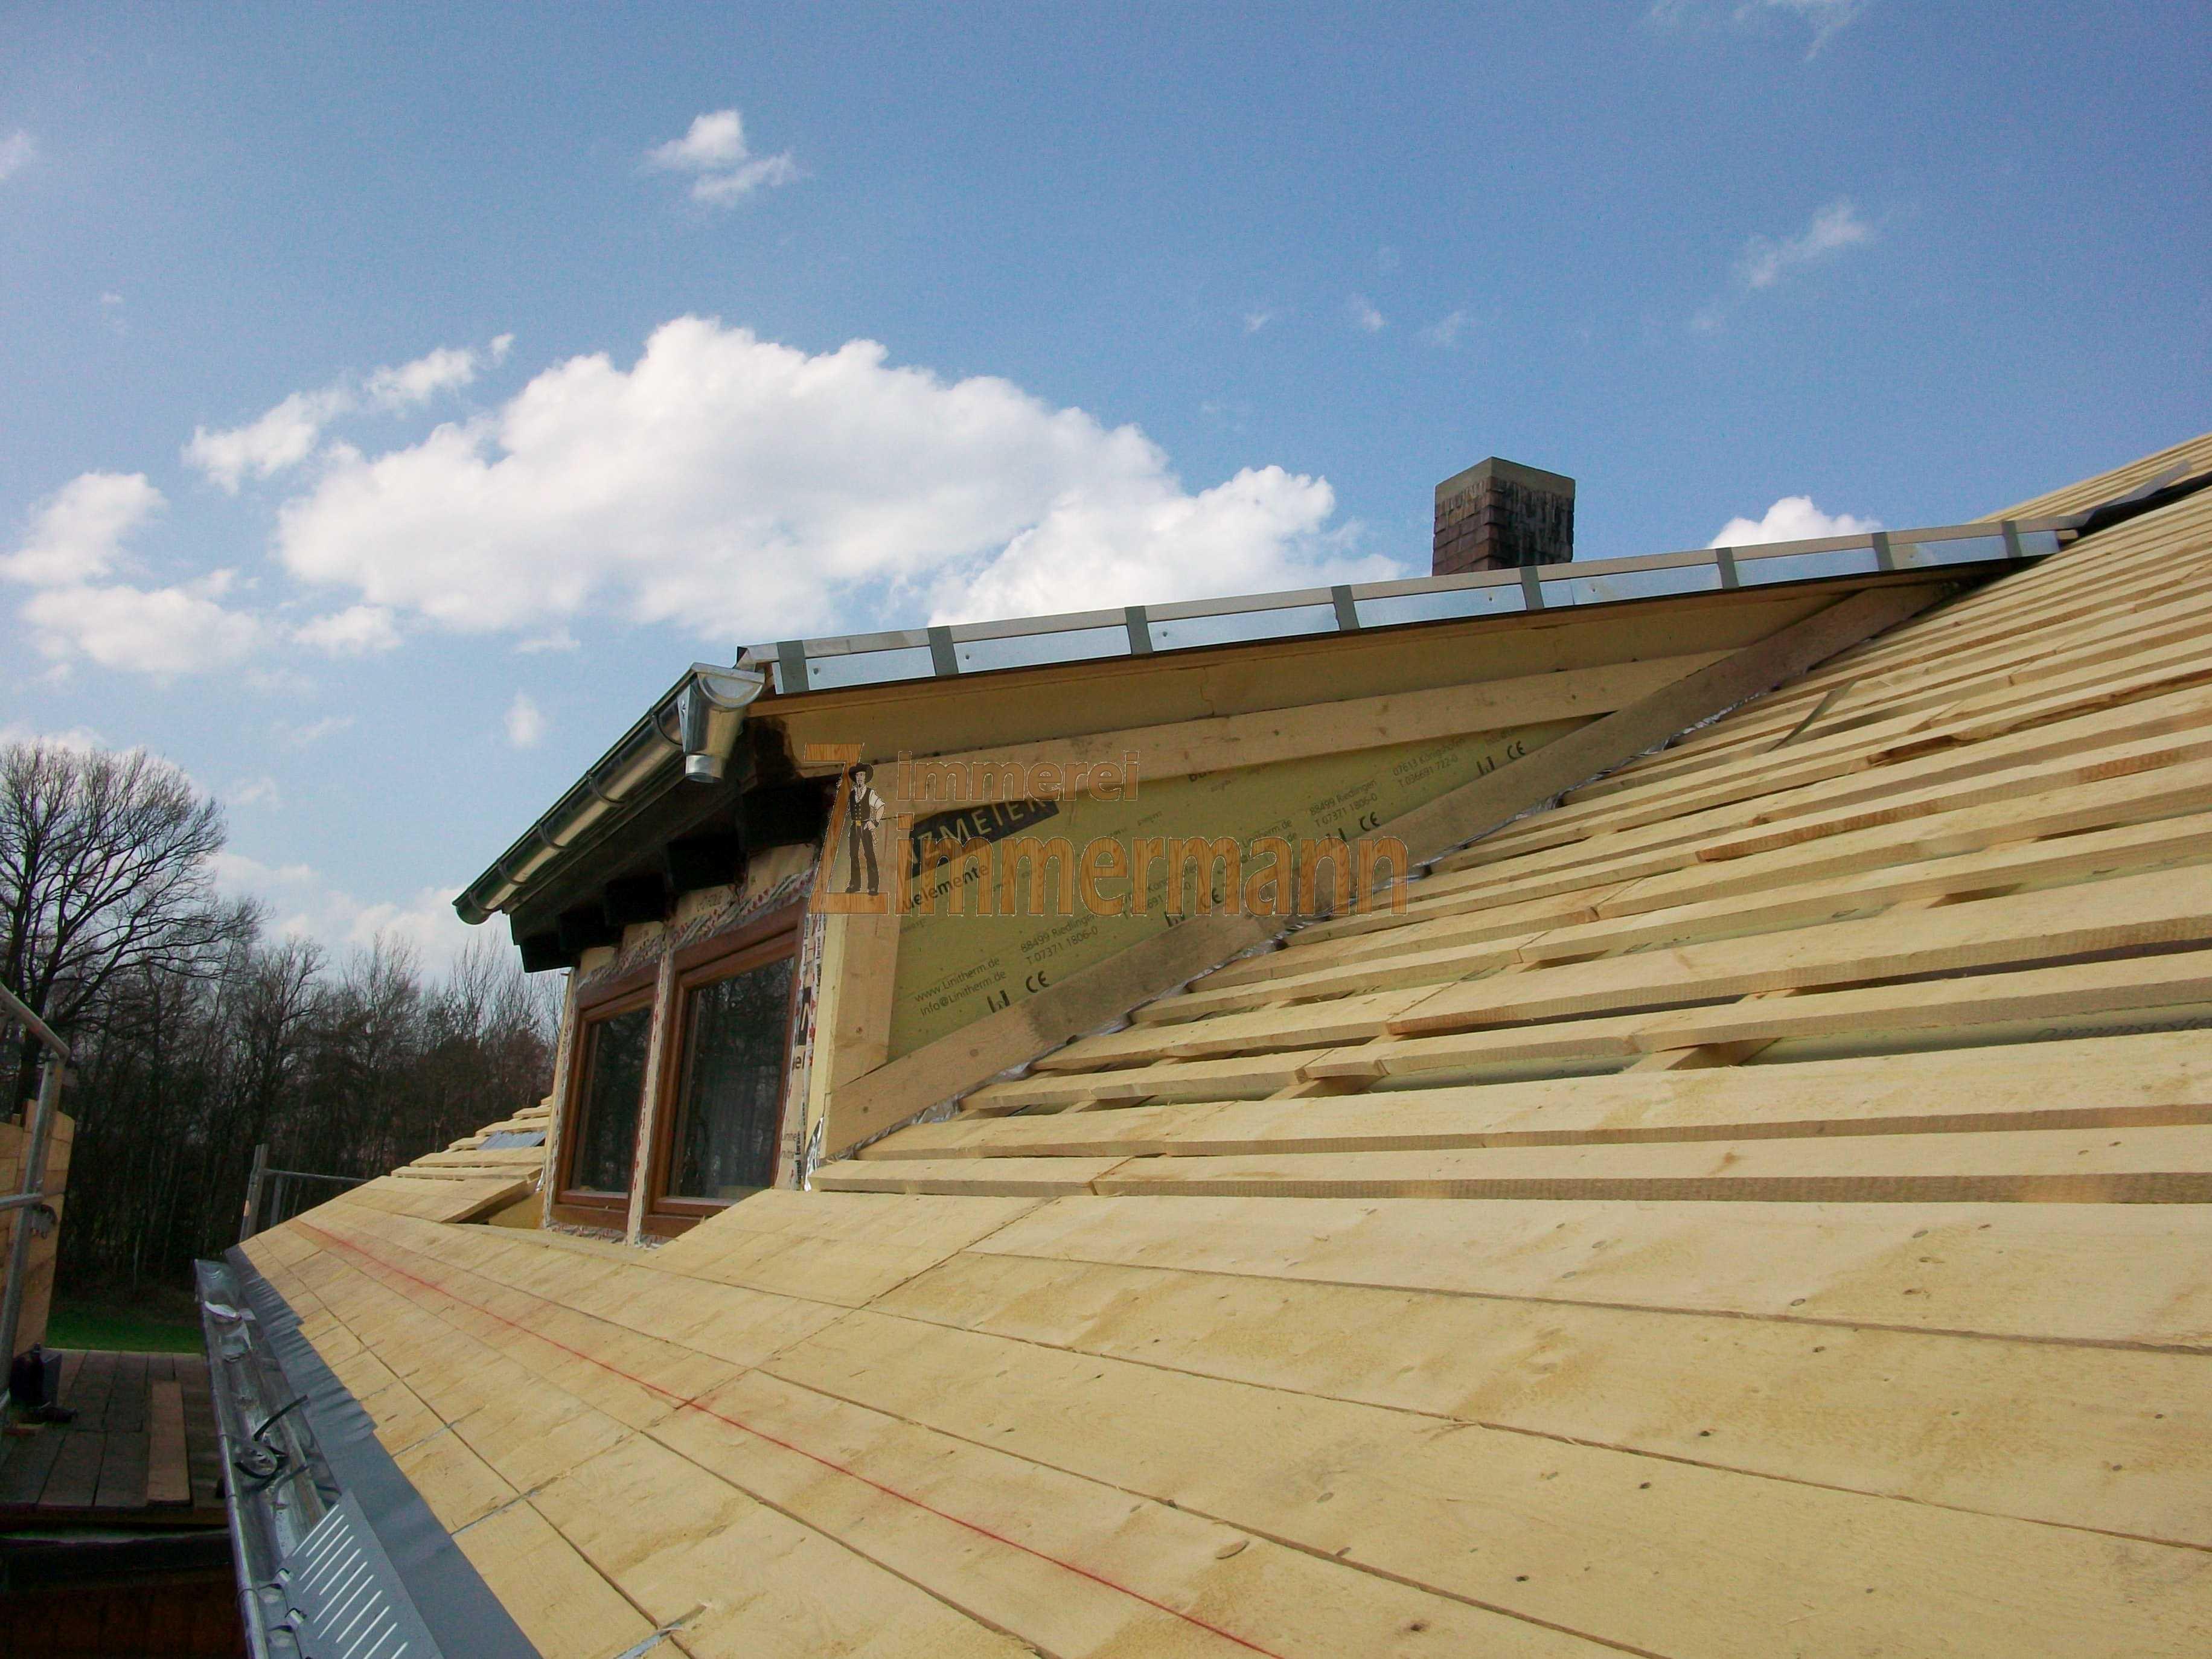 Dachgaubenverkleidung mit Aufdachdämmung